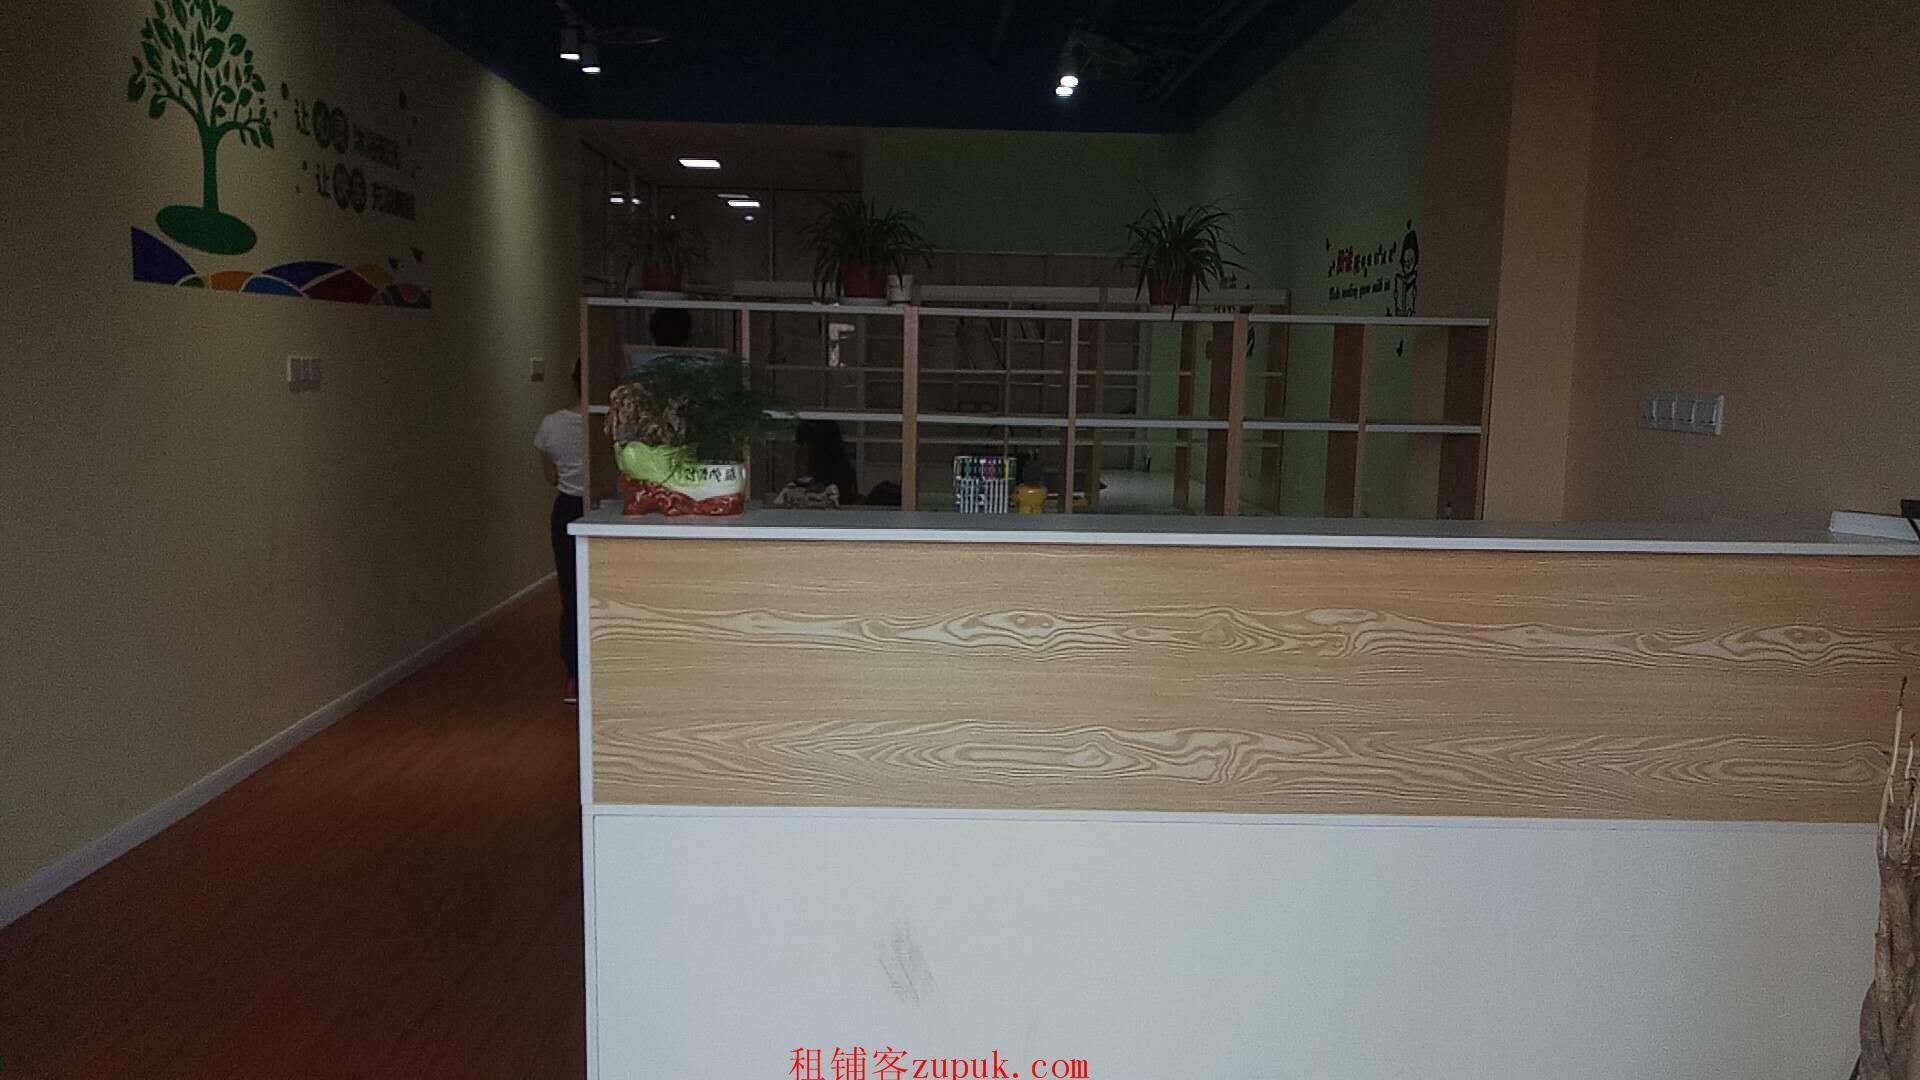 南岸茶园新区商业街口碑教育机构生意转让(非诚勿扰)PDD